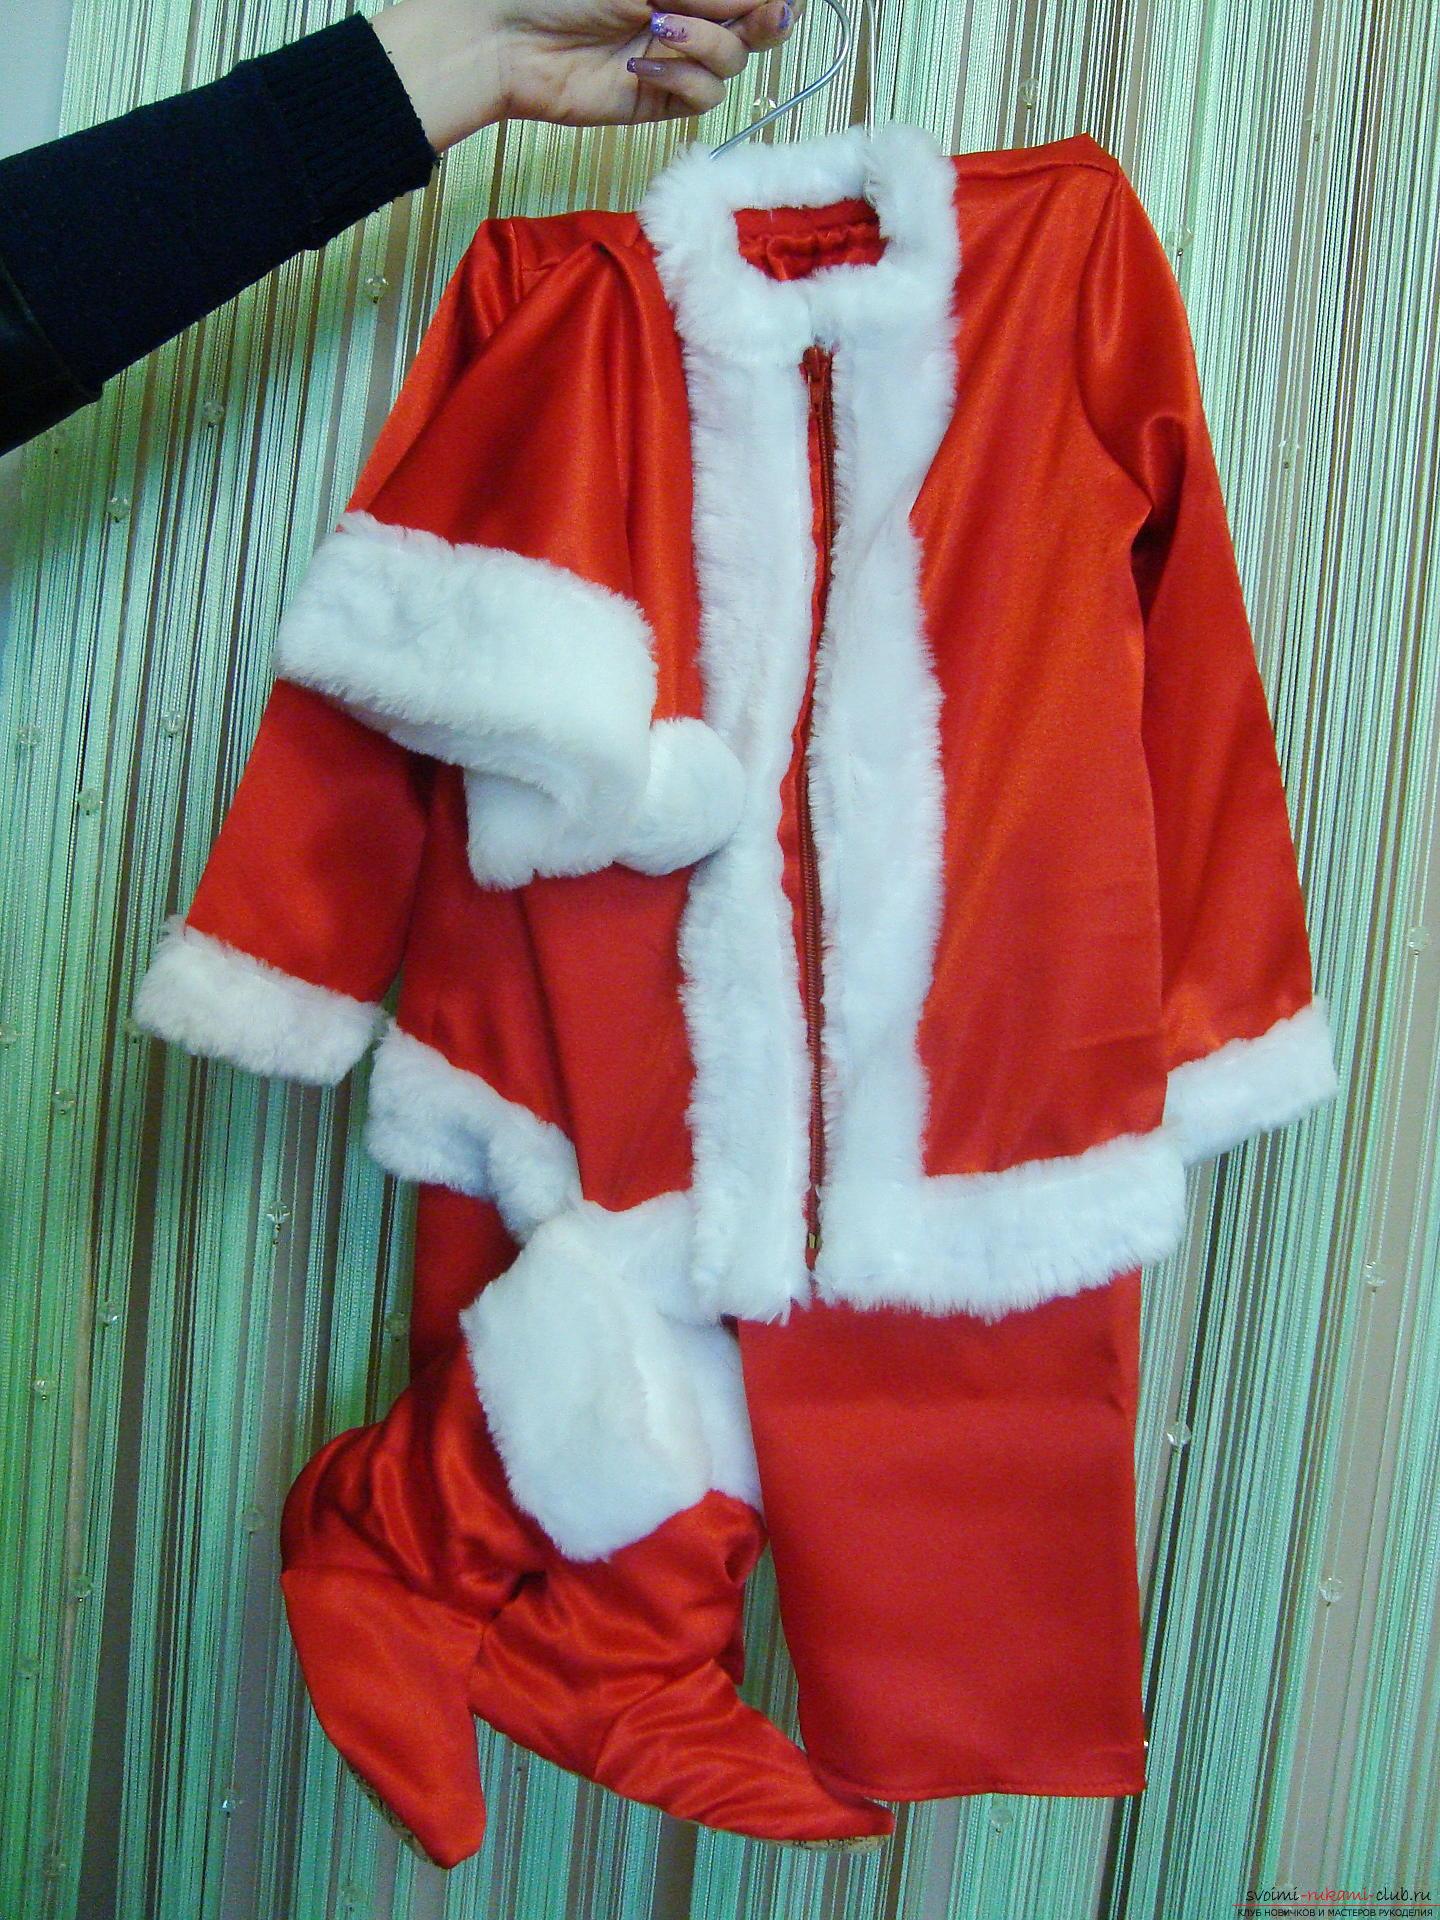 Новогодний костюм не всегда удобно купить, а пошить карнавальный костюм для мальчика может даже начинающая мастерица.</p> </div> <p> Мастер-класс с фото и видео поможет создать новогодний детский костюм по образу Санты Клауса.. Фото №1″/></p> <p>Карнавальные костюмы Санта Клаус для детей широко представлены в продаже, однако созданный руками родного человека наряд наверняка порадует малыша больше, чем магазинный.</p> <p> Тем более что, включив фантазию, праздничный костюм можно сделать более интересным, удобным и красивым.</p> <p><div style=